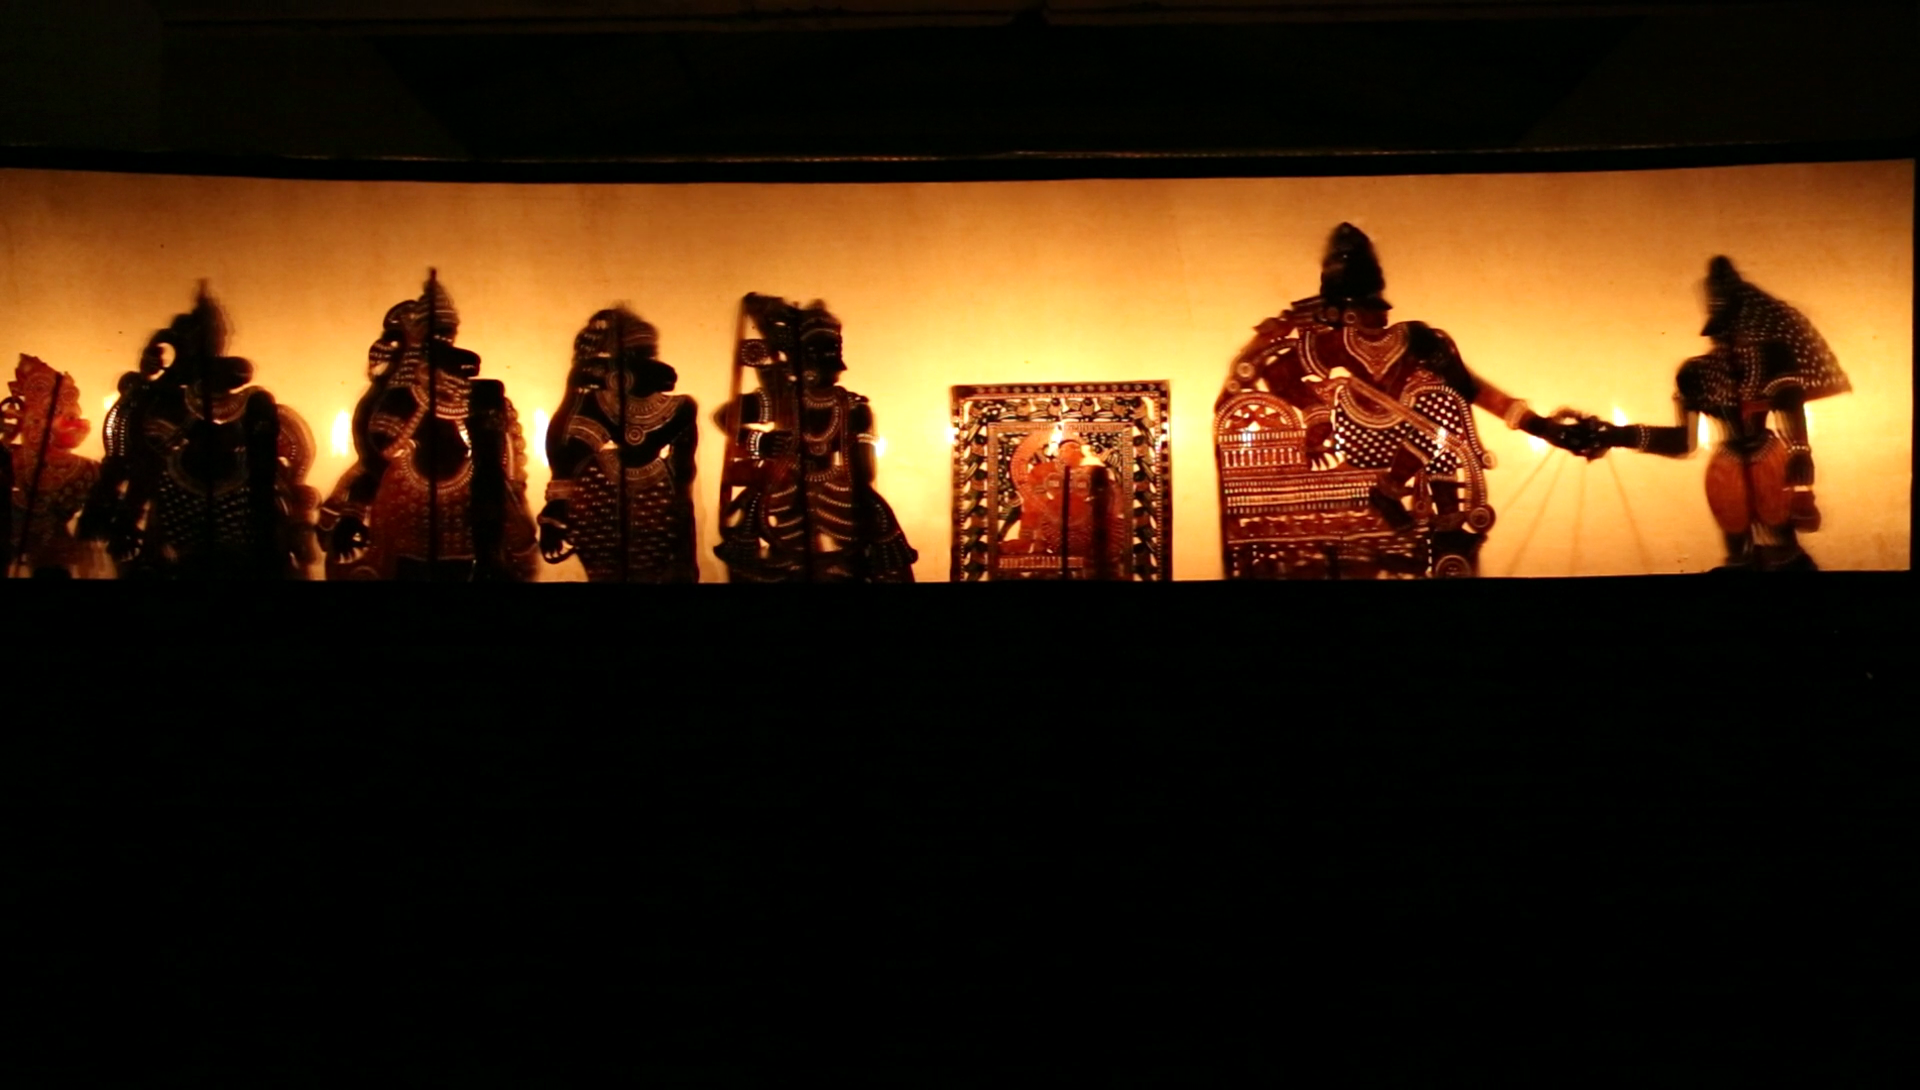 Râma, Sîtâ, Lakshmana et les généraux de singes, dans une scène de <em>tolpava koothu</em> du Râmâyana, mise en scène :  Ramachandra Pulavar (Kerala, Inde)